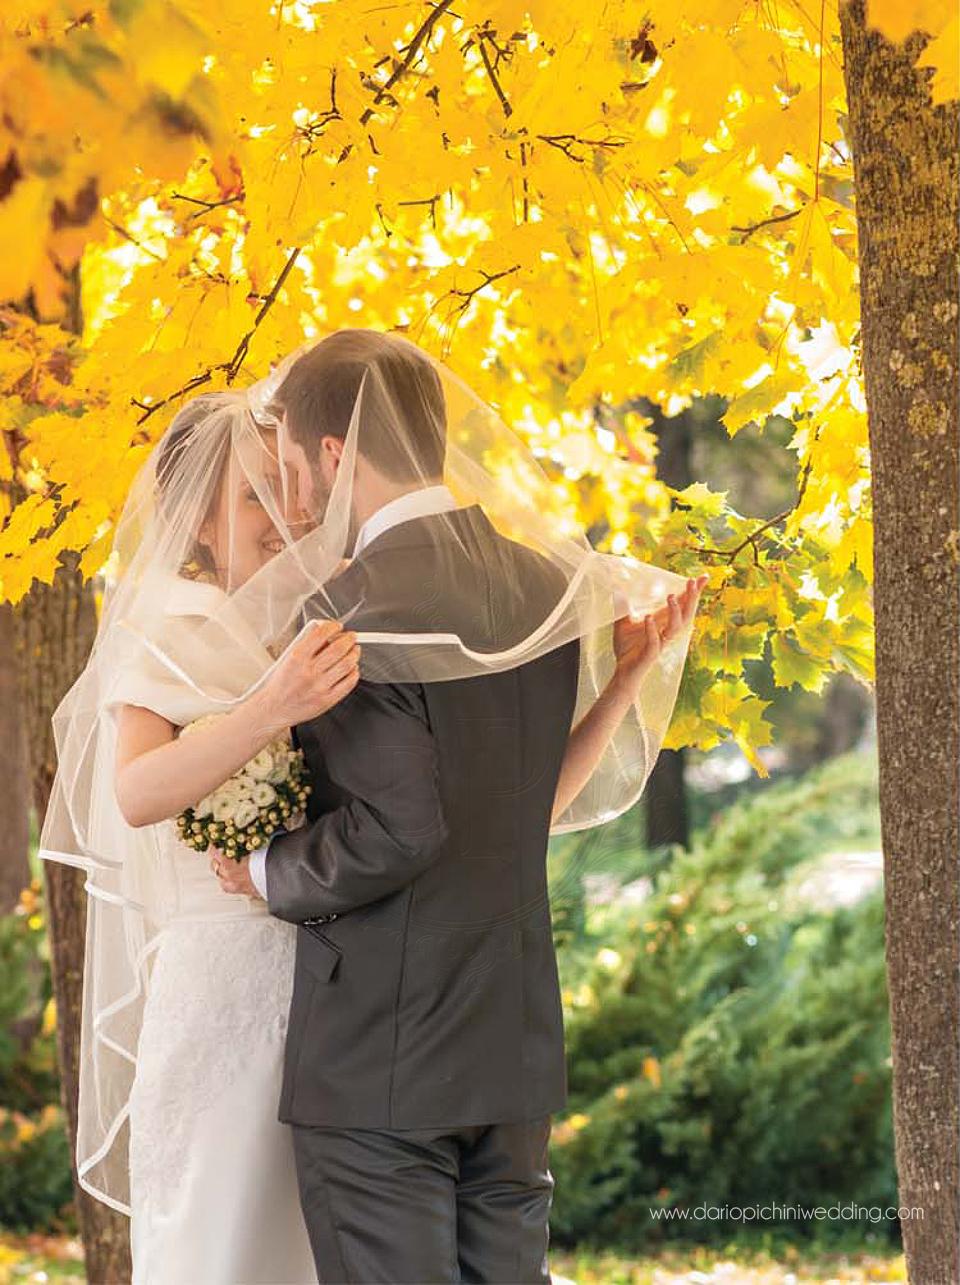 Wedding in Autumn, in the beautiful Tuscany - www.dariopichiniwedding.com